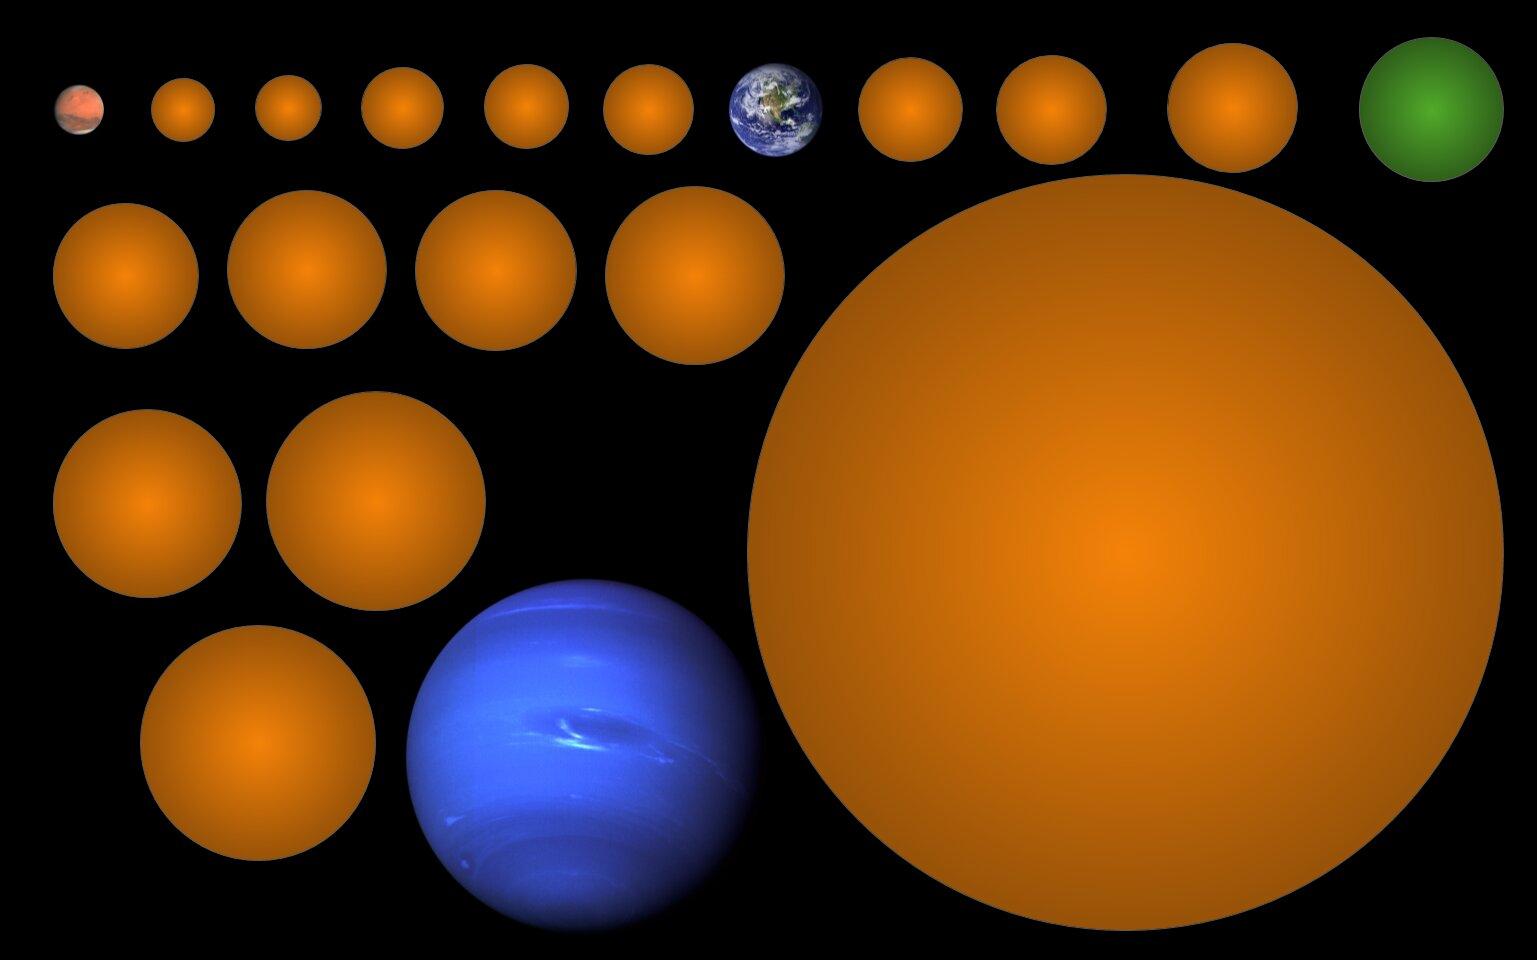 طالبة تكتشف 17 كوكب جديد خارج المجموعة الشمسية قد يمكن لأحدها استضافة حياة - طالبة تكتشف 17 كوكب جديد خارج المجموعة الشمسية قد يمكن لأحدها استضافة حياة